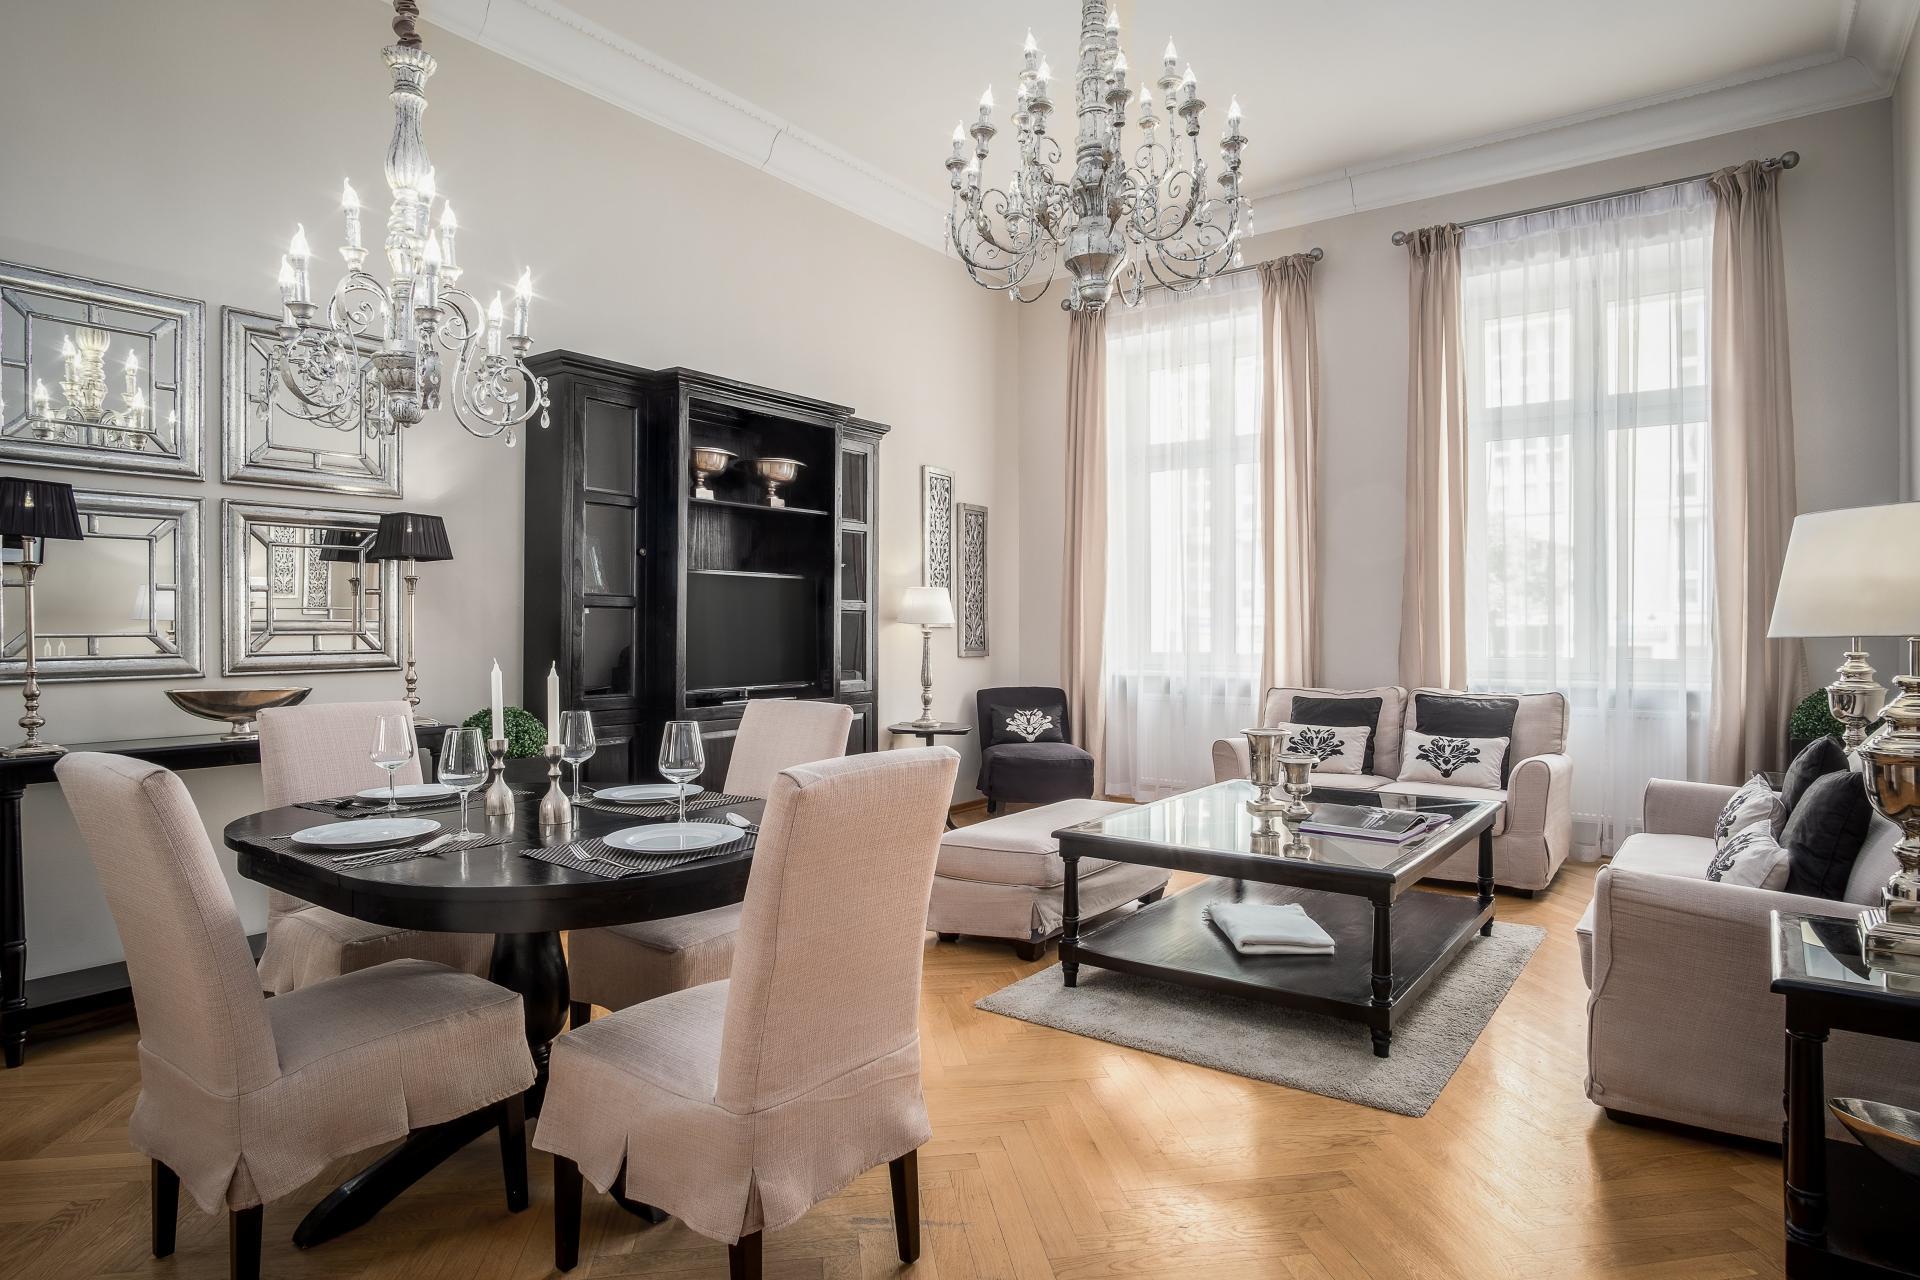 Traditional living area at  Palacina Berlin Apartments - Citybase Apartments